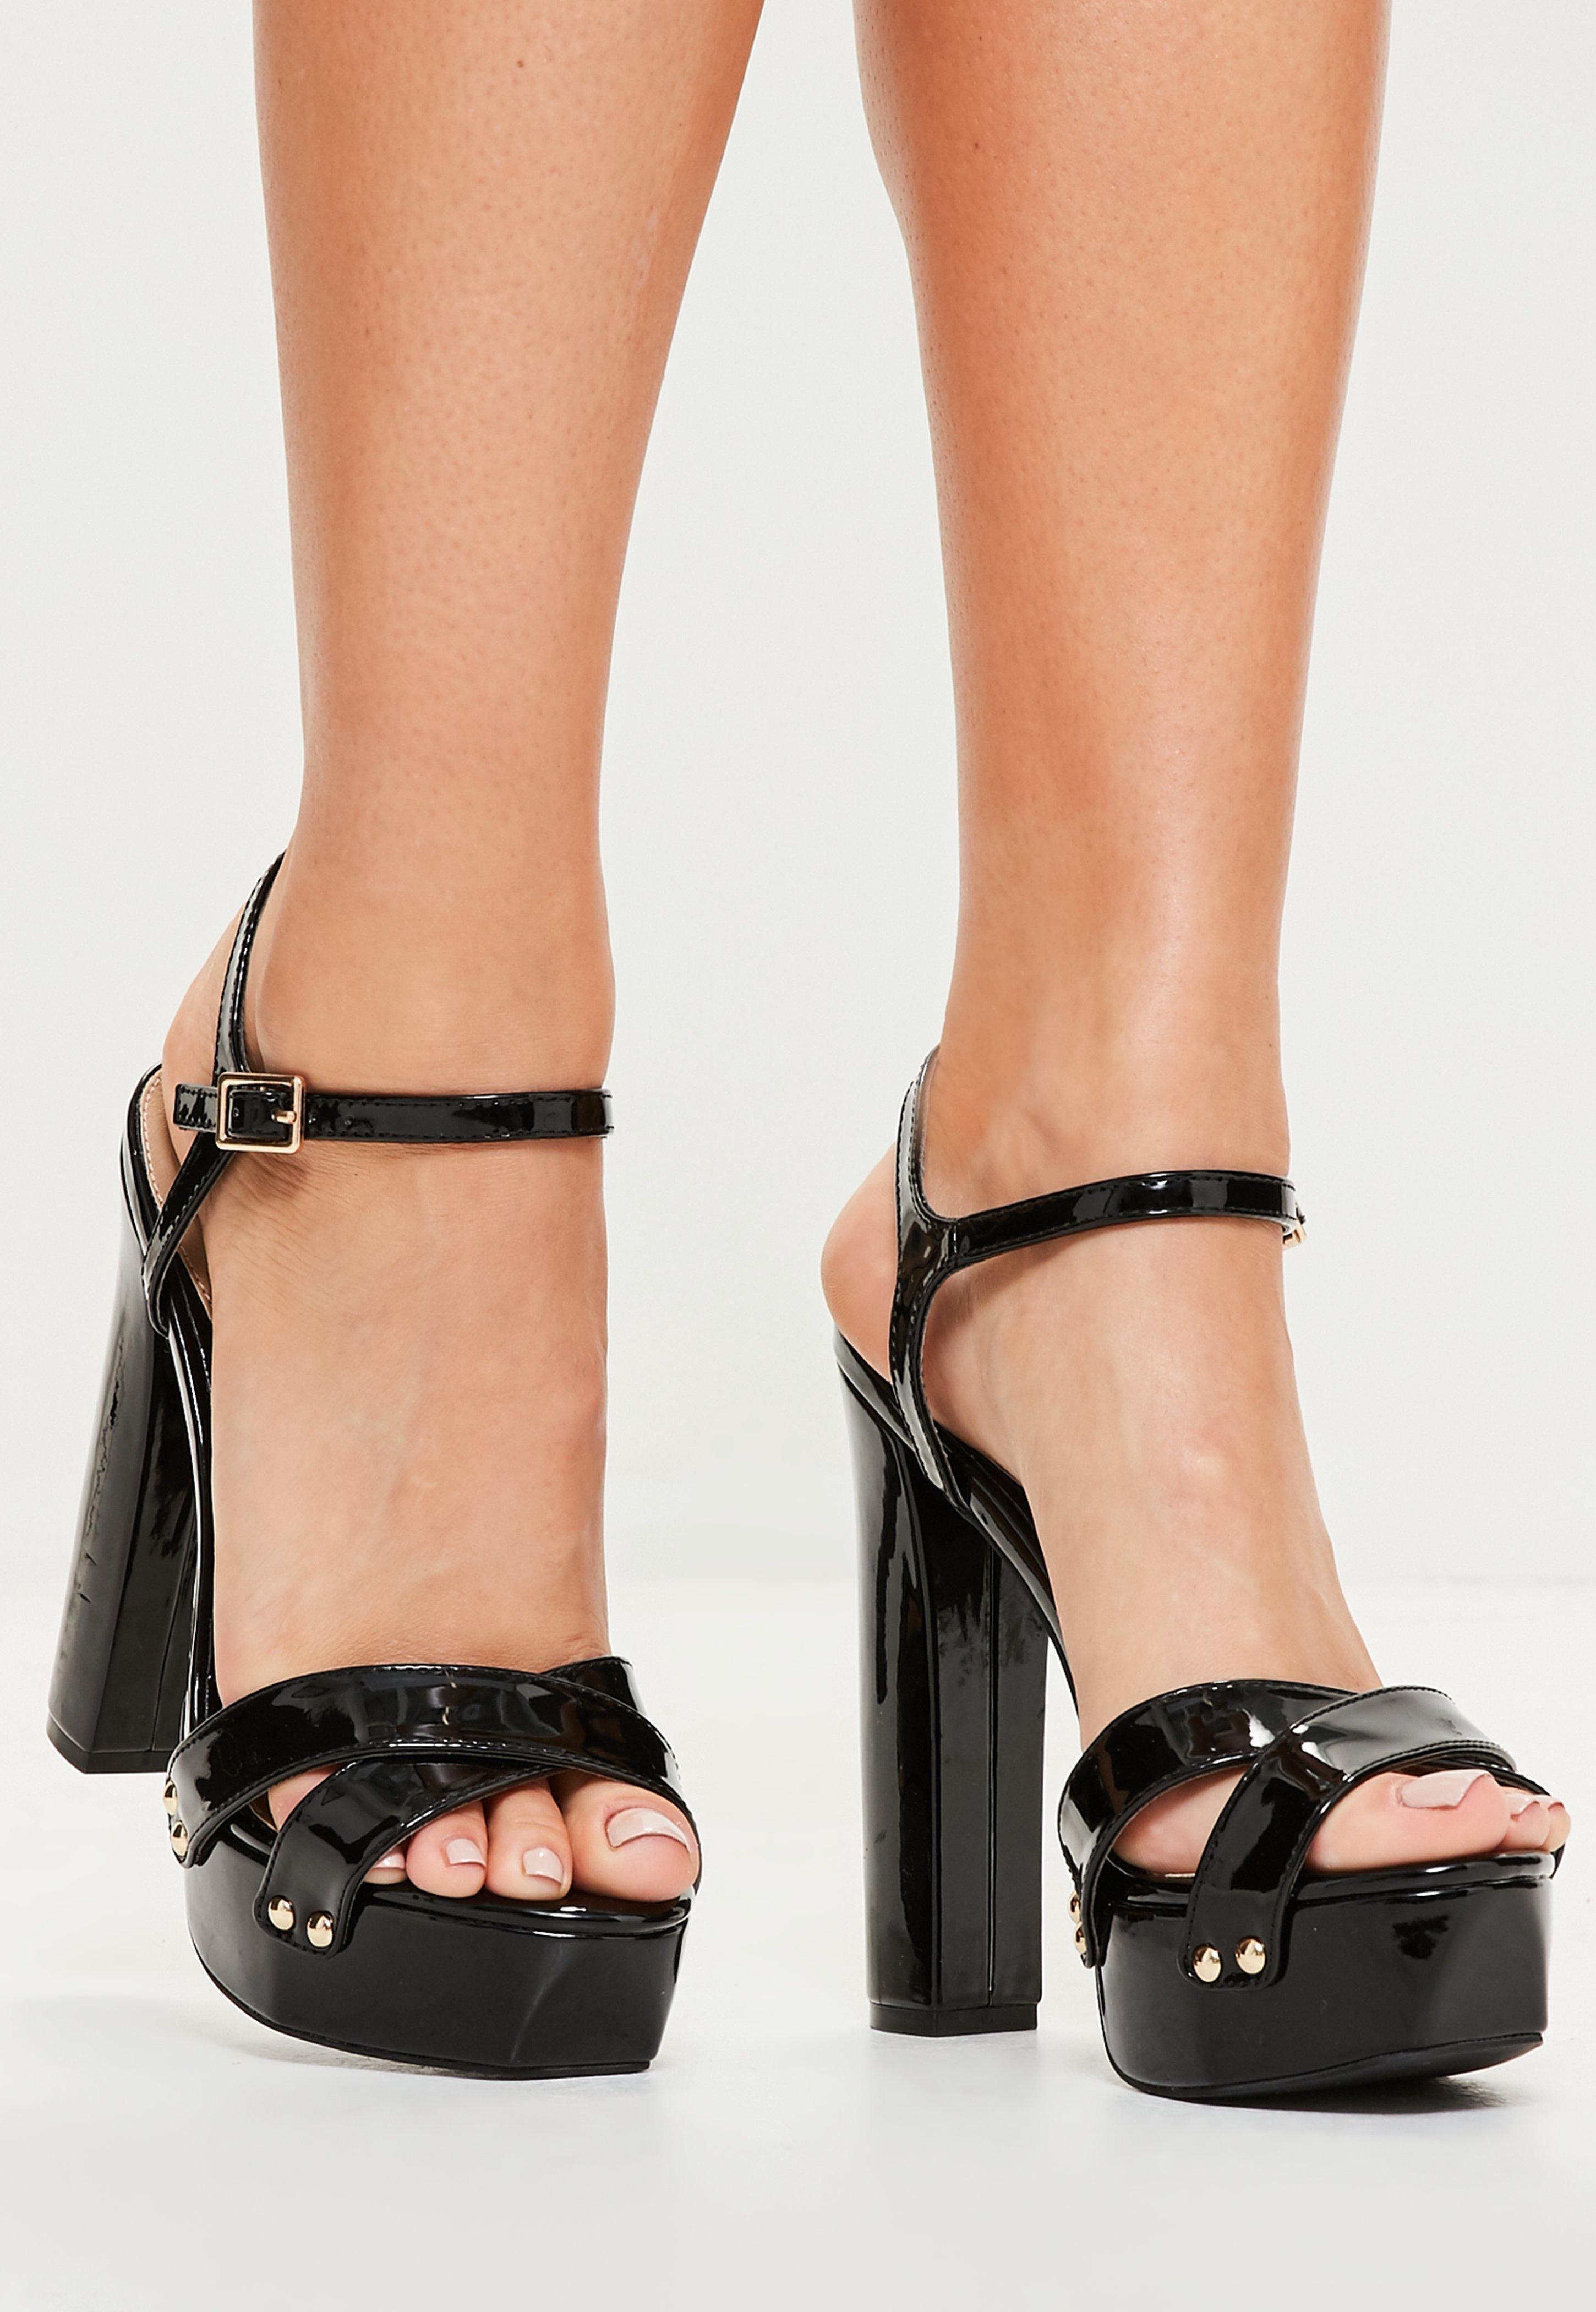 ee069bde85f Missguided Black Vinyl Studded Platform Sandals in Black - Lyst